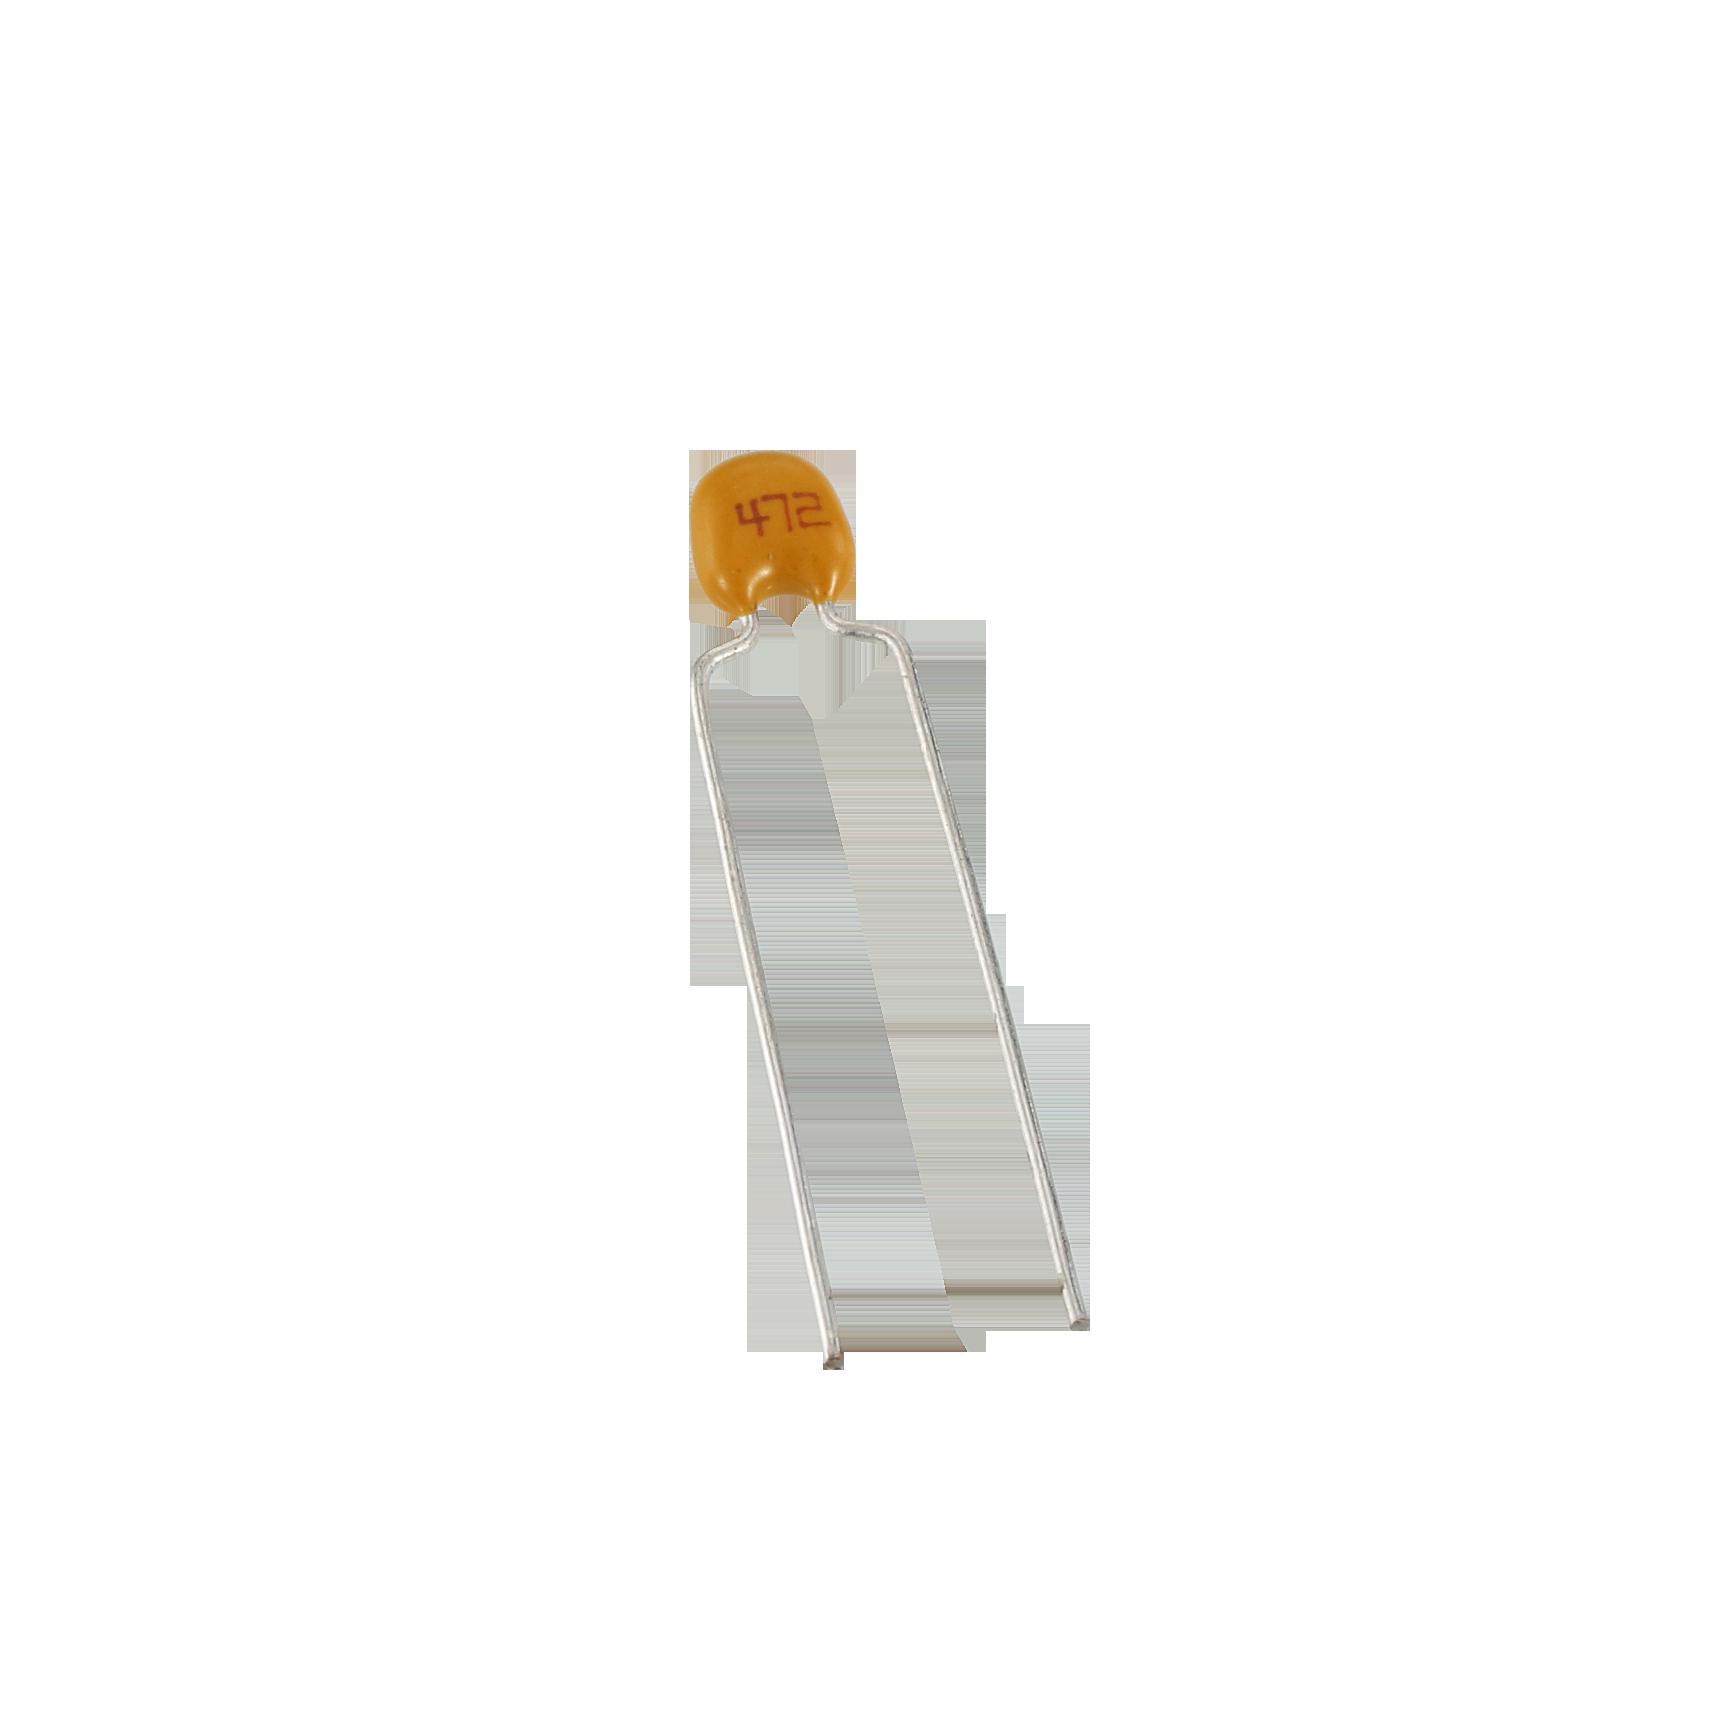 Monolithic capacitor